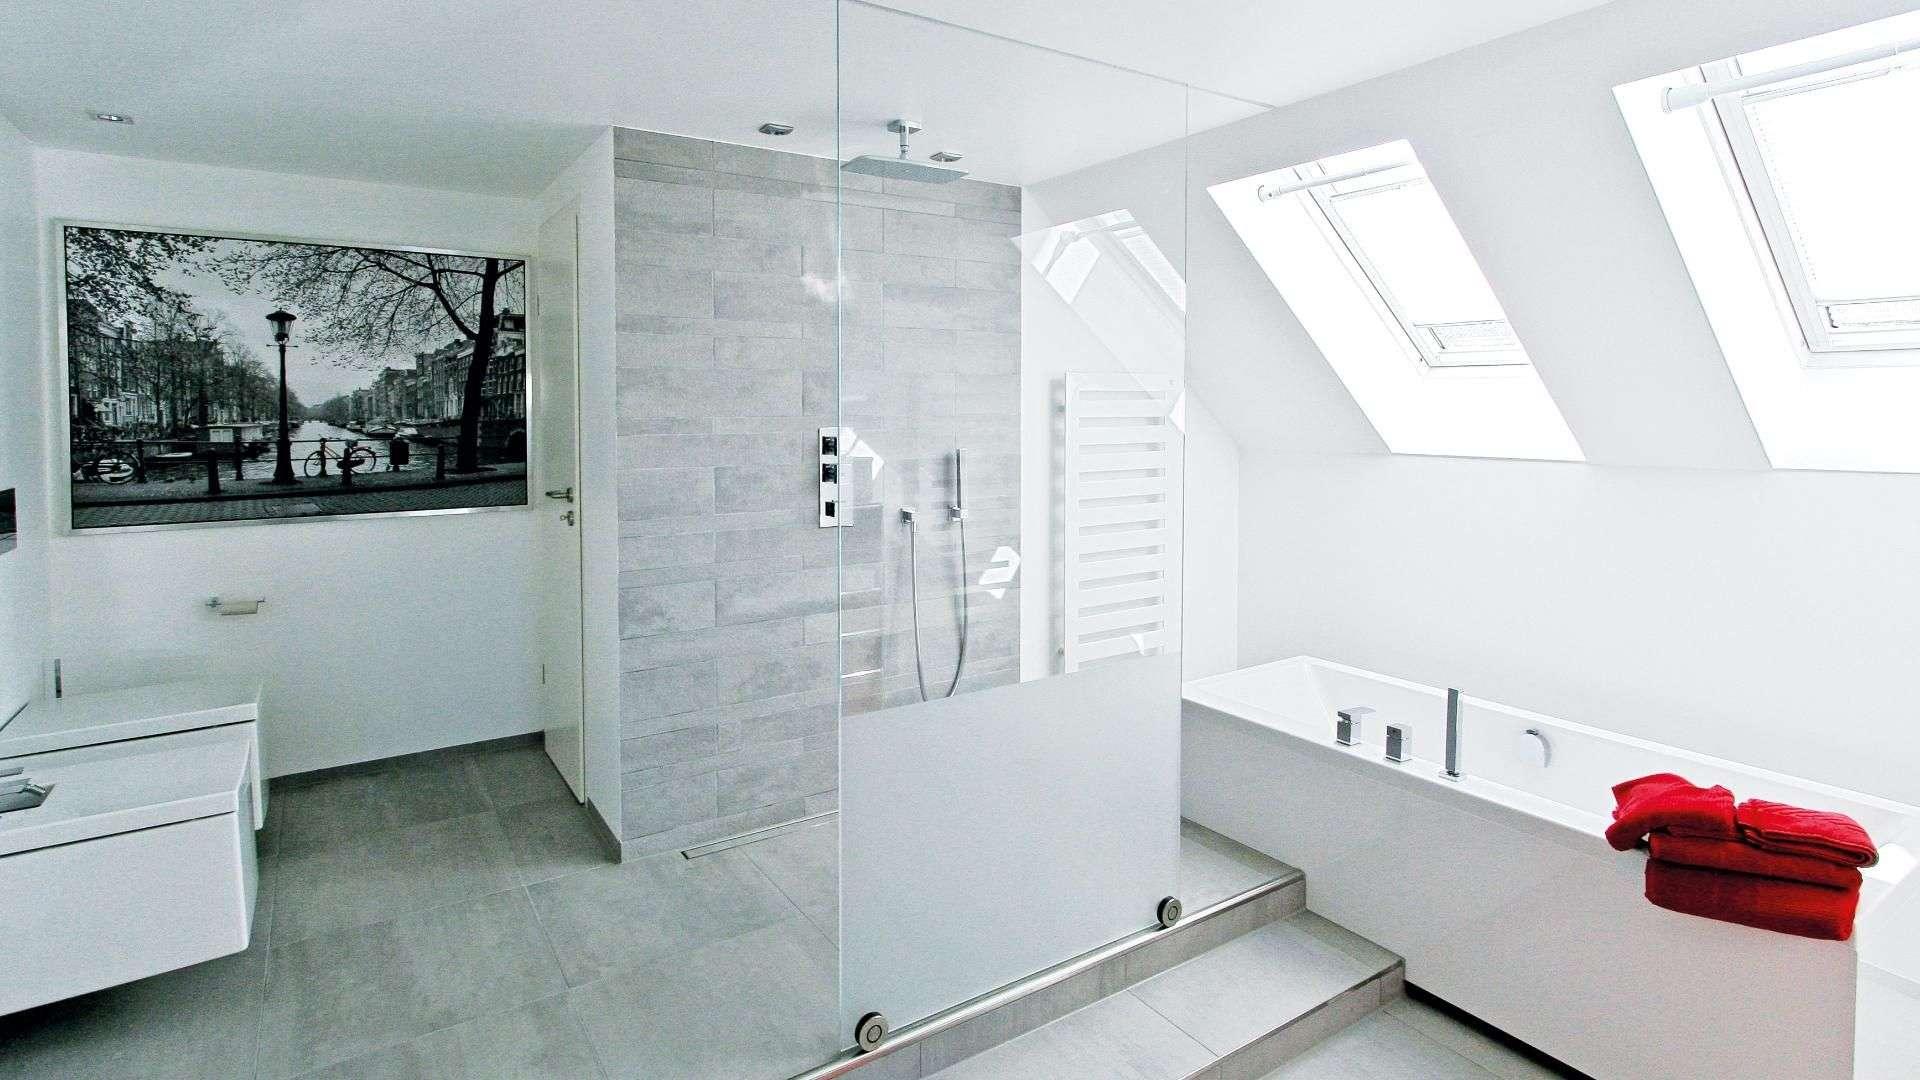 offene Regendusche mit Glastrennwand in einem modernen Badezimmer